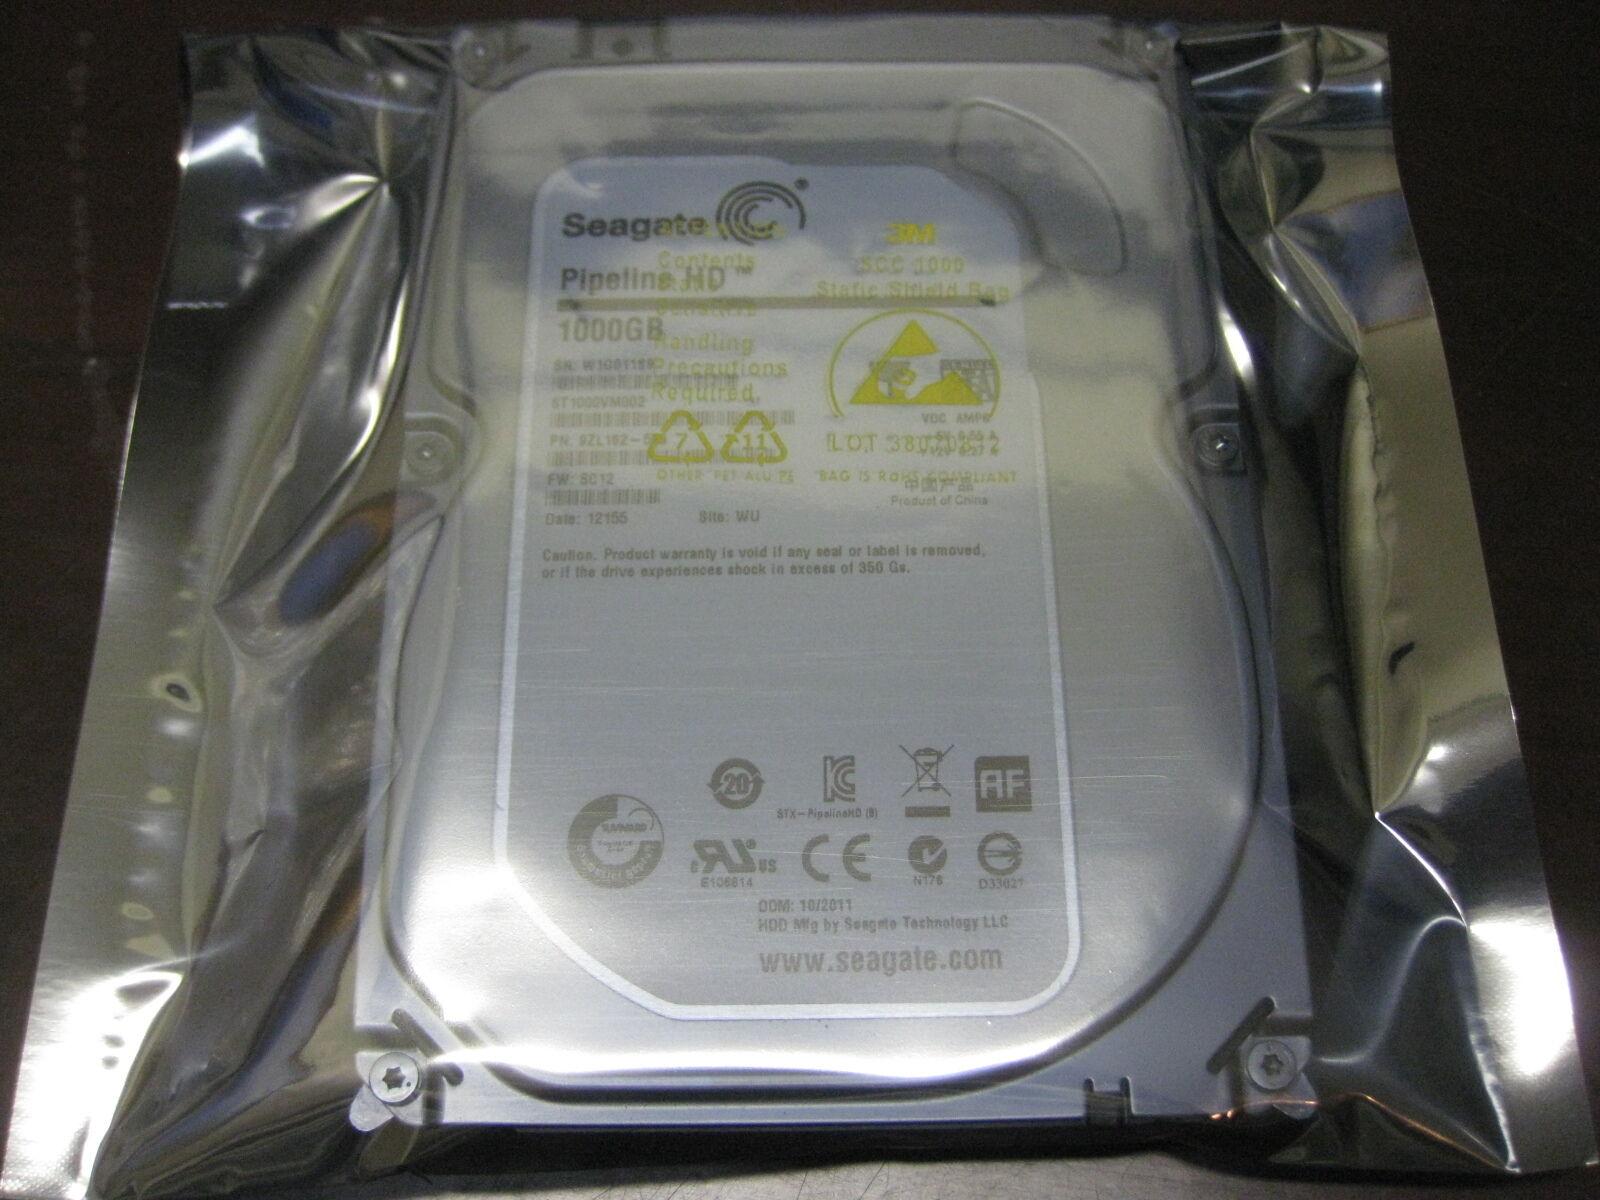 Seagate Video 3.5 Hdd 1 Tb Internal Sata St1000vm002 1tb Hard Drive Desktop Pc